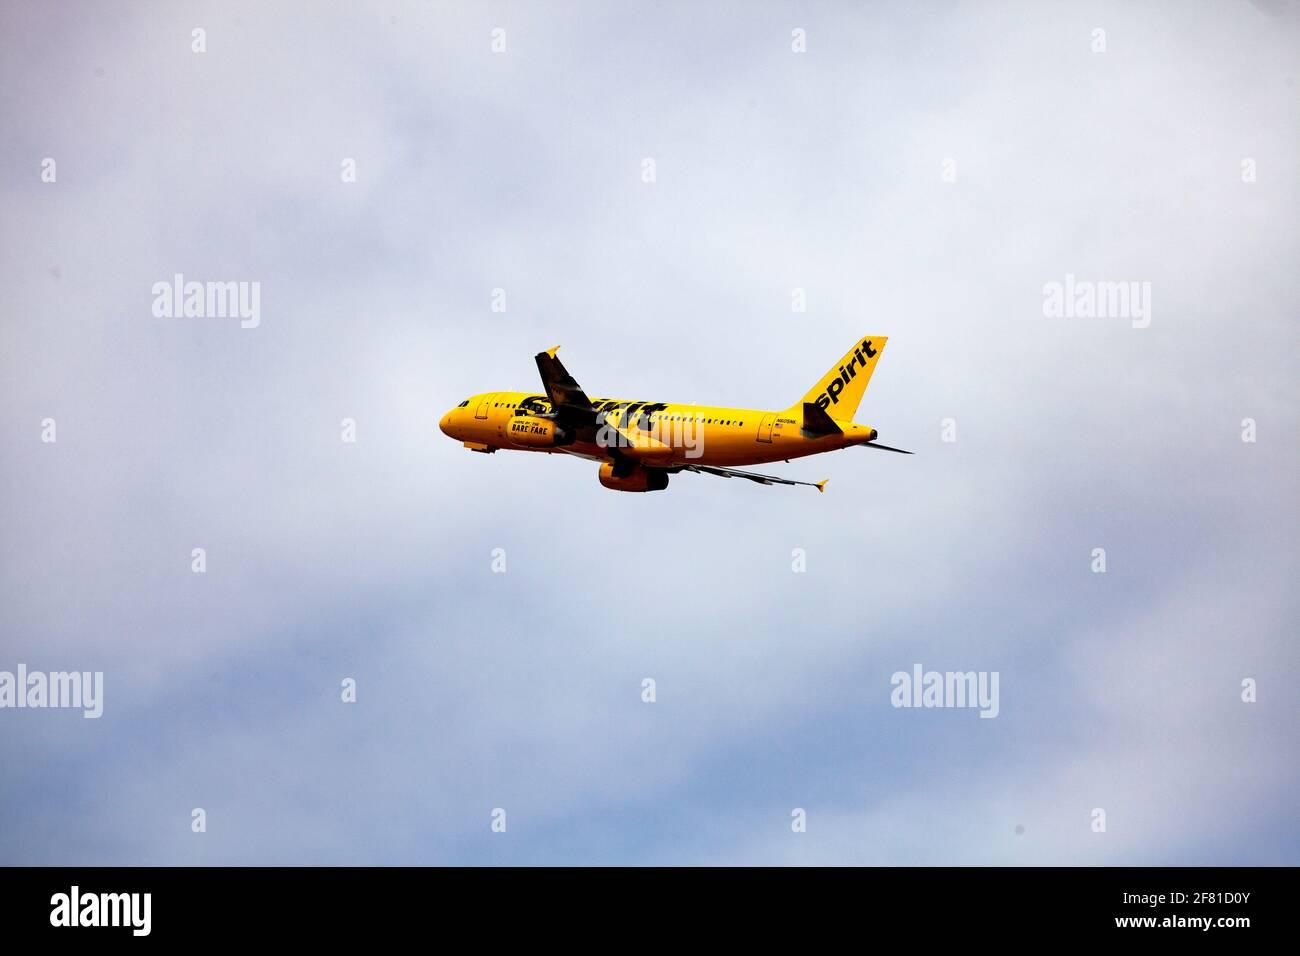 Avión Spirit amarillo brillante en vuelo en el Aeropuerto Internacional St Paul de Minneapolis. Minneapolis Minnesota MN Estados Unidos Foto de stock